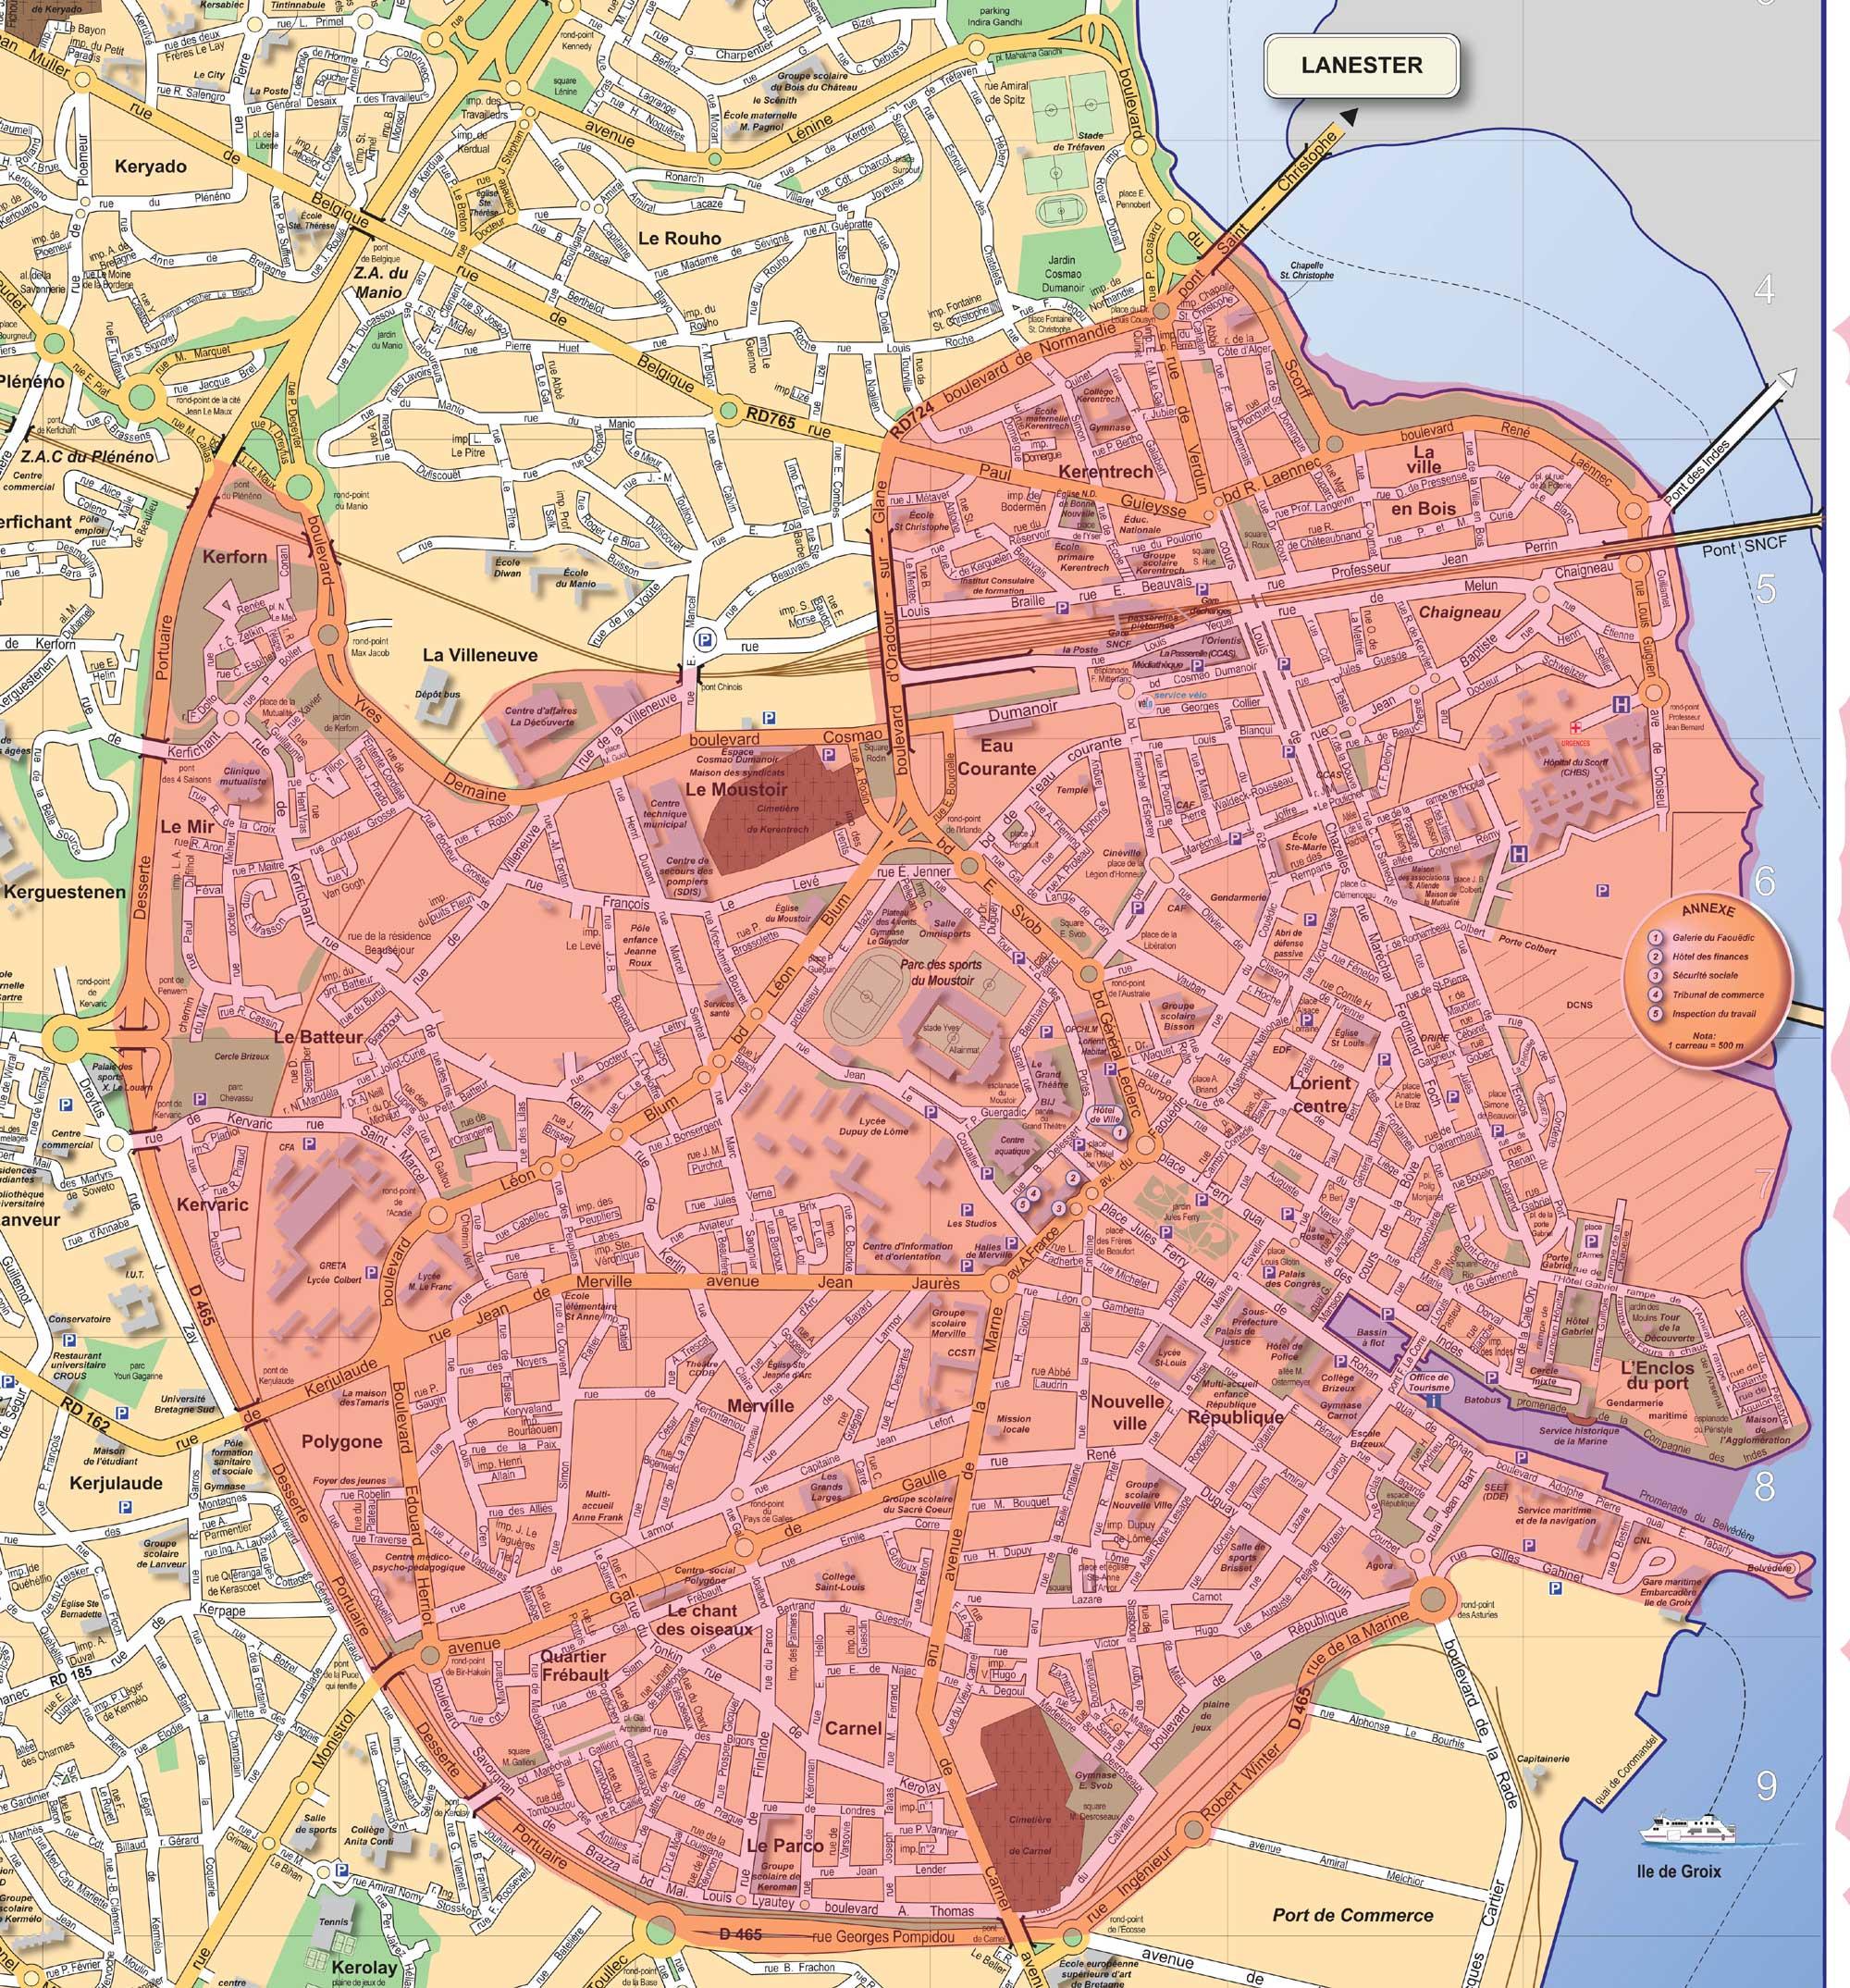 Périmètre de l'opération de revitalisation du territoire (ORT). Cliquer pour agrandir